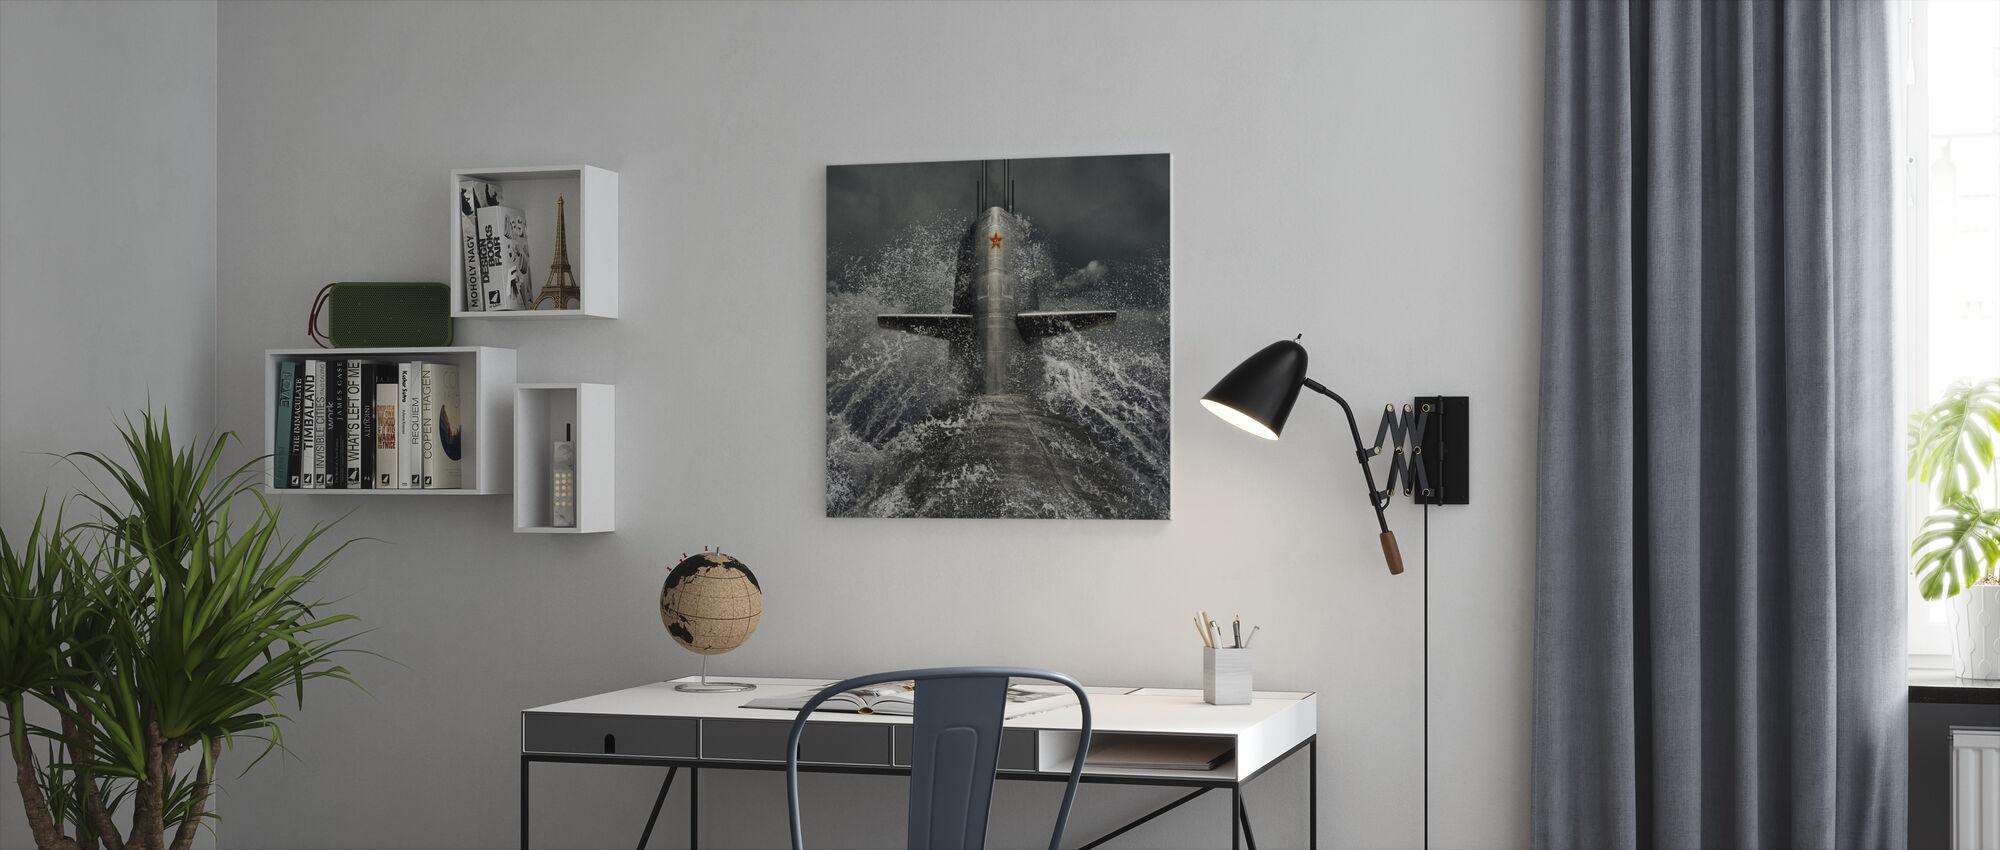 Sukellusvene - Canvastaulu - Toimisto